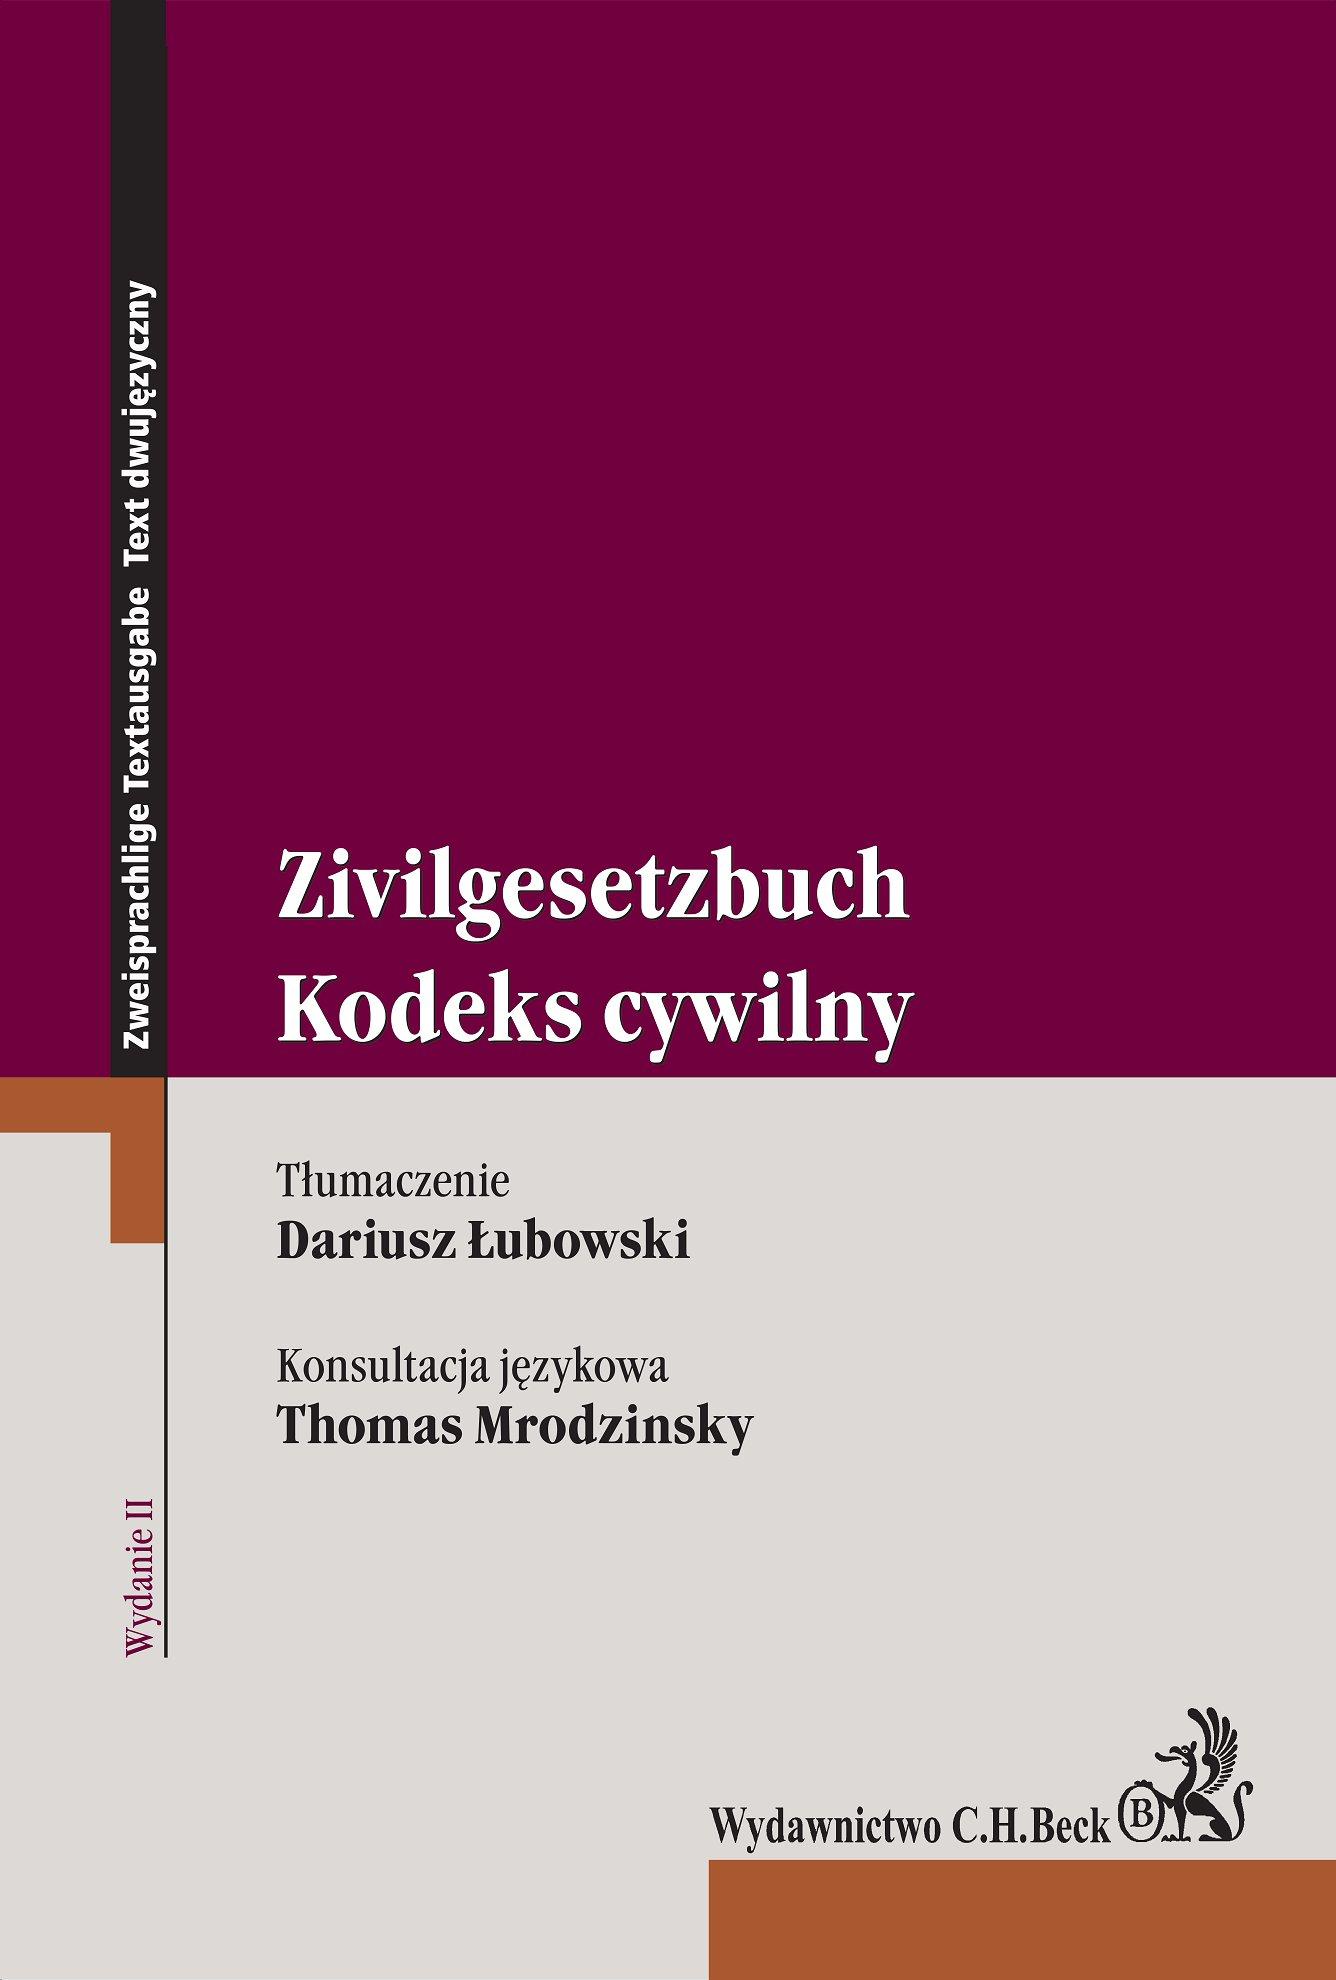 Kodeks cywilny. Zivilgesetzbuch. Wydanie 2 - Ebook (Książka PDF) do pobrania w formacie PDF